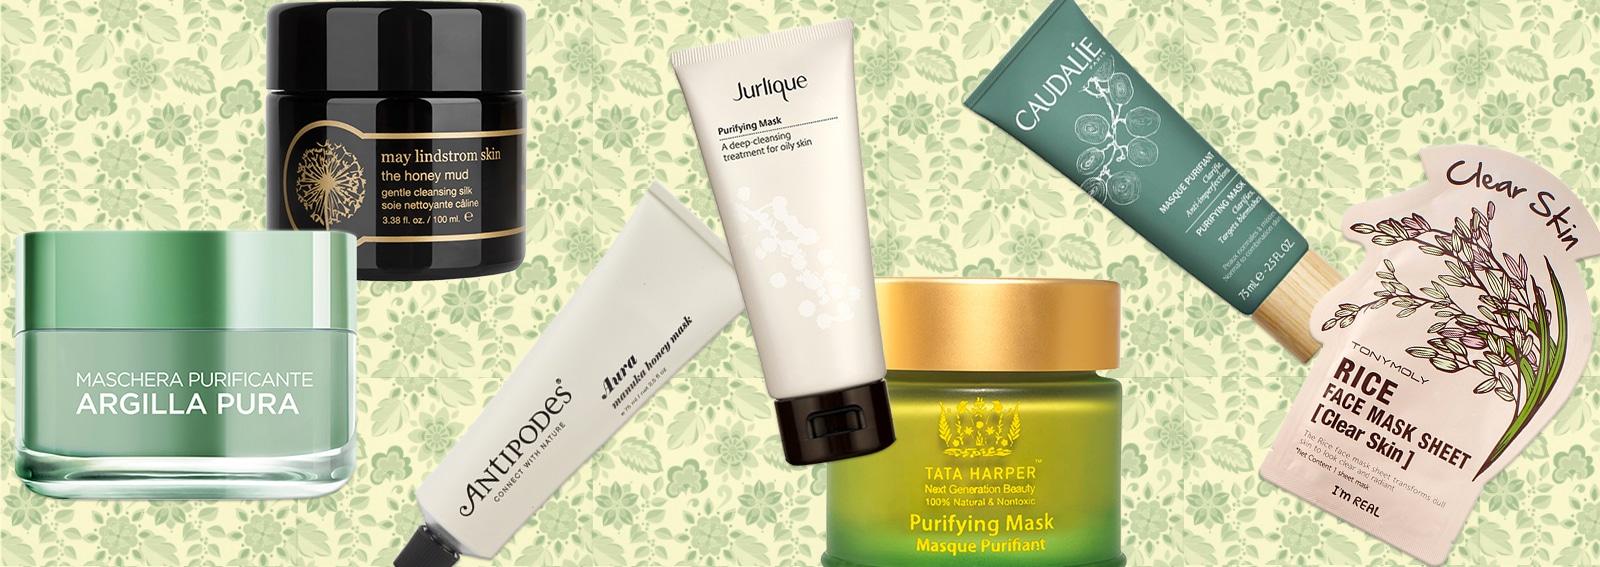 Le migliori maschere purificanti: i prodotti top da provare